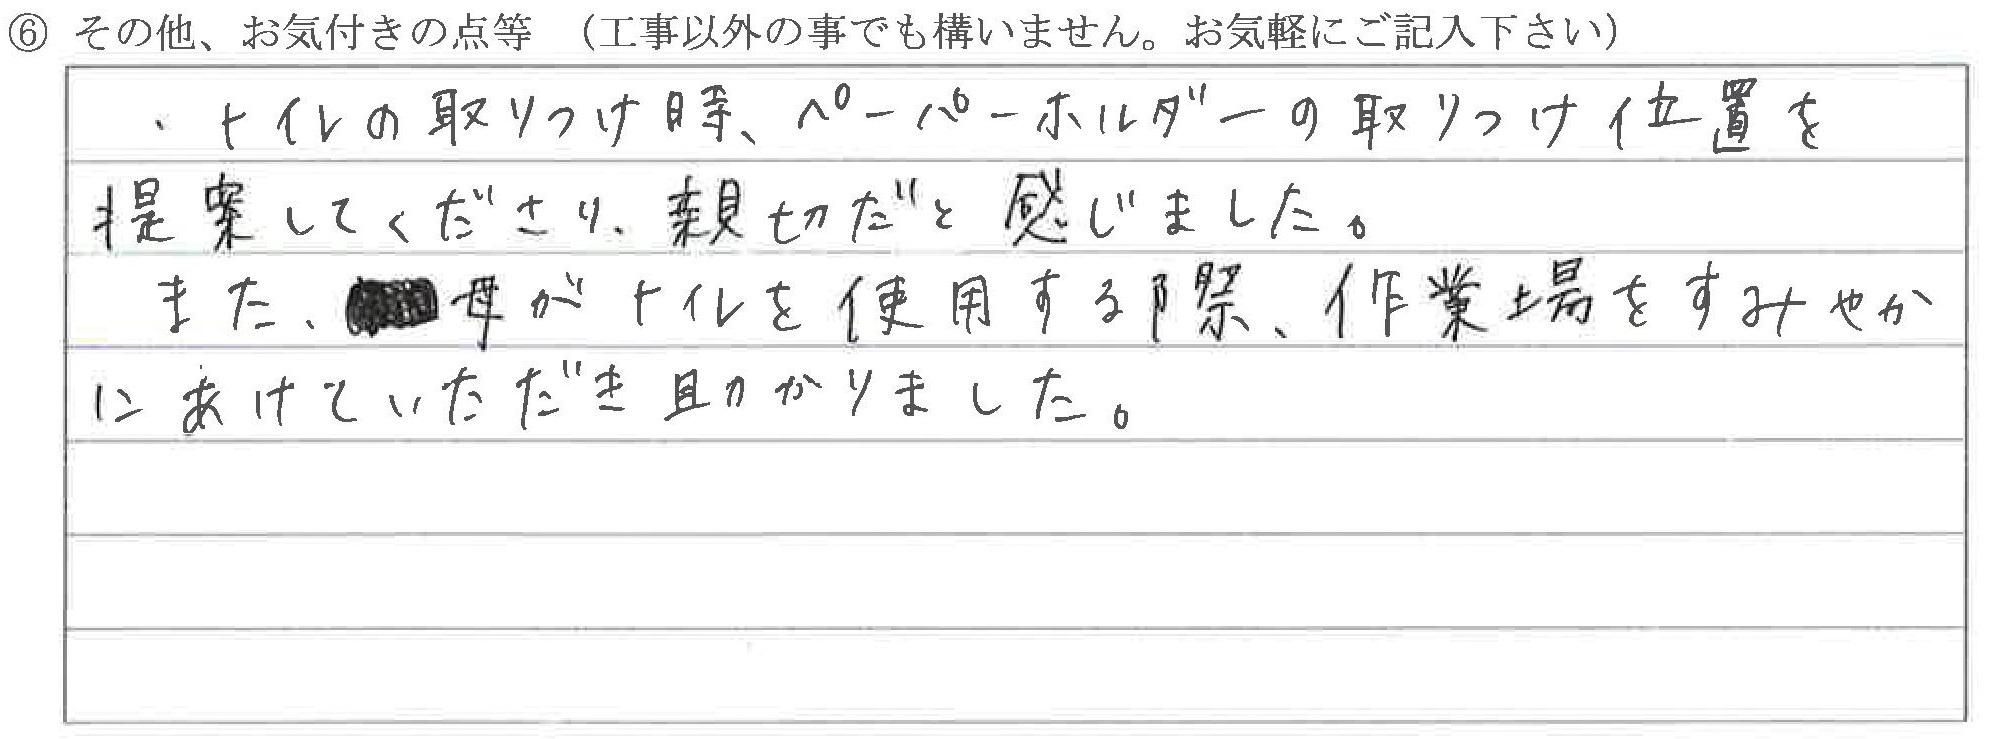 富山県氷見市T様に頂いたトイレ改装工事についてのお気づきの点がありましたら、お聞かせ下さい。というご質問について「トイレ改装工事【ご不満の声】」というお声についての画像